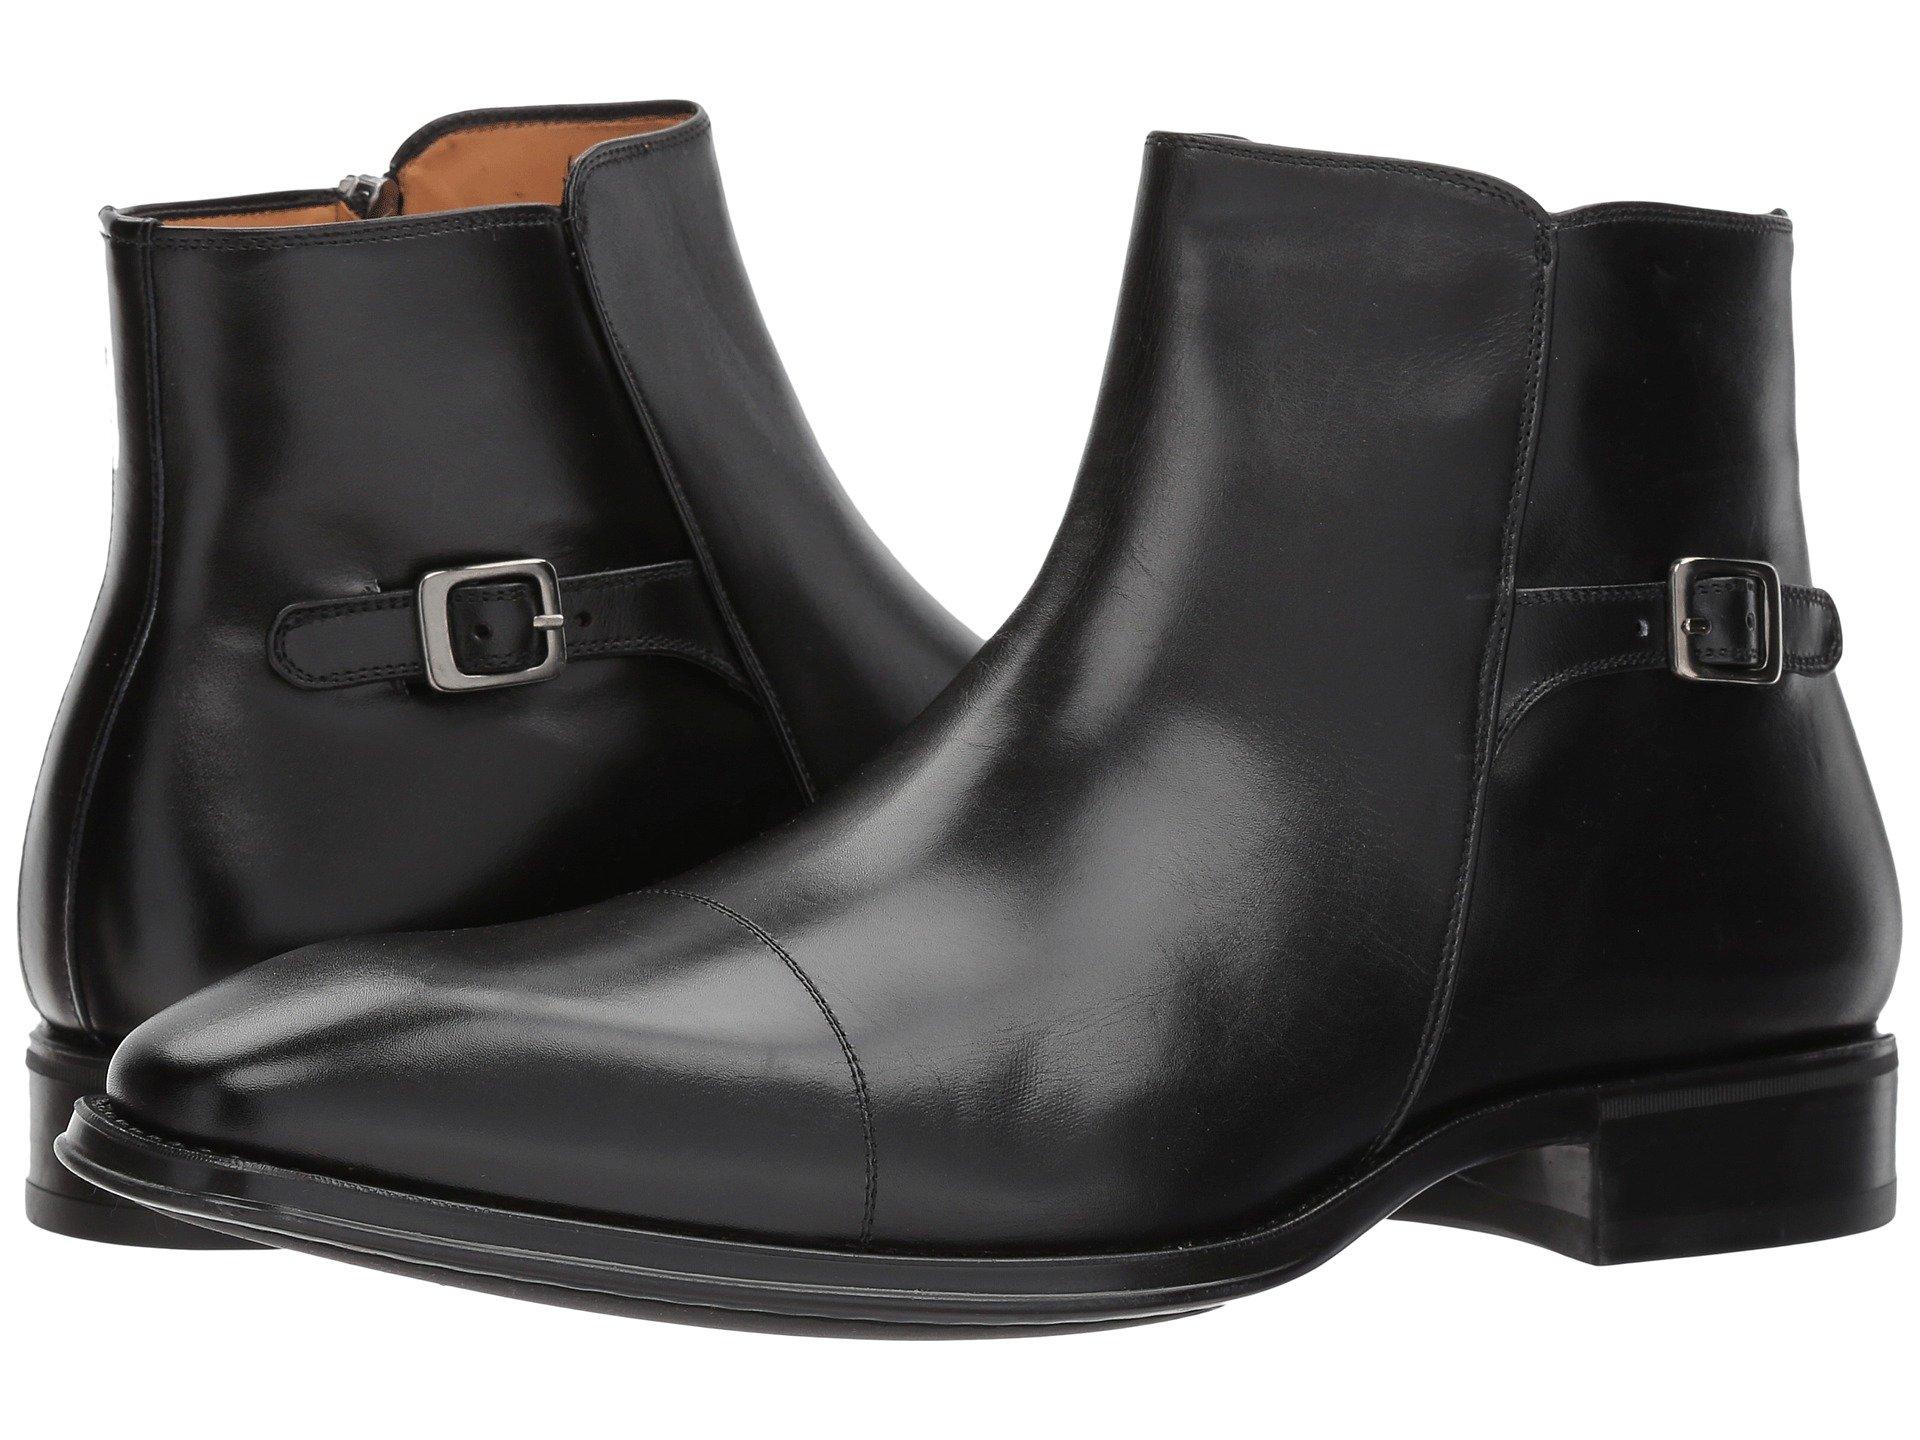 e8e18e748e00 Men s Mezlan Shoes + FREE SHIPPING   Zappos